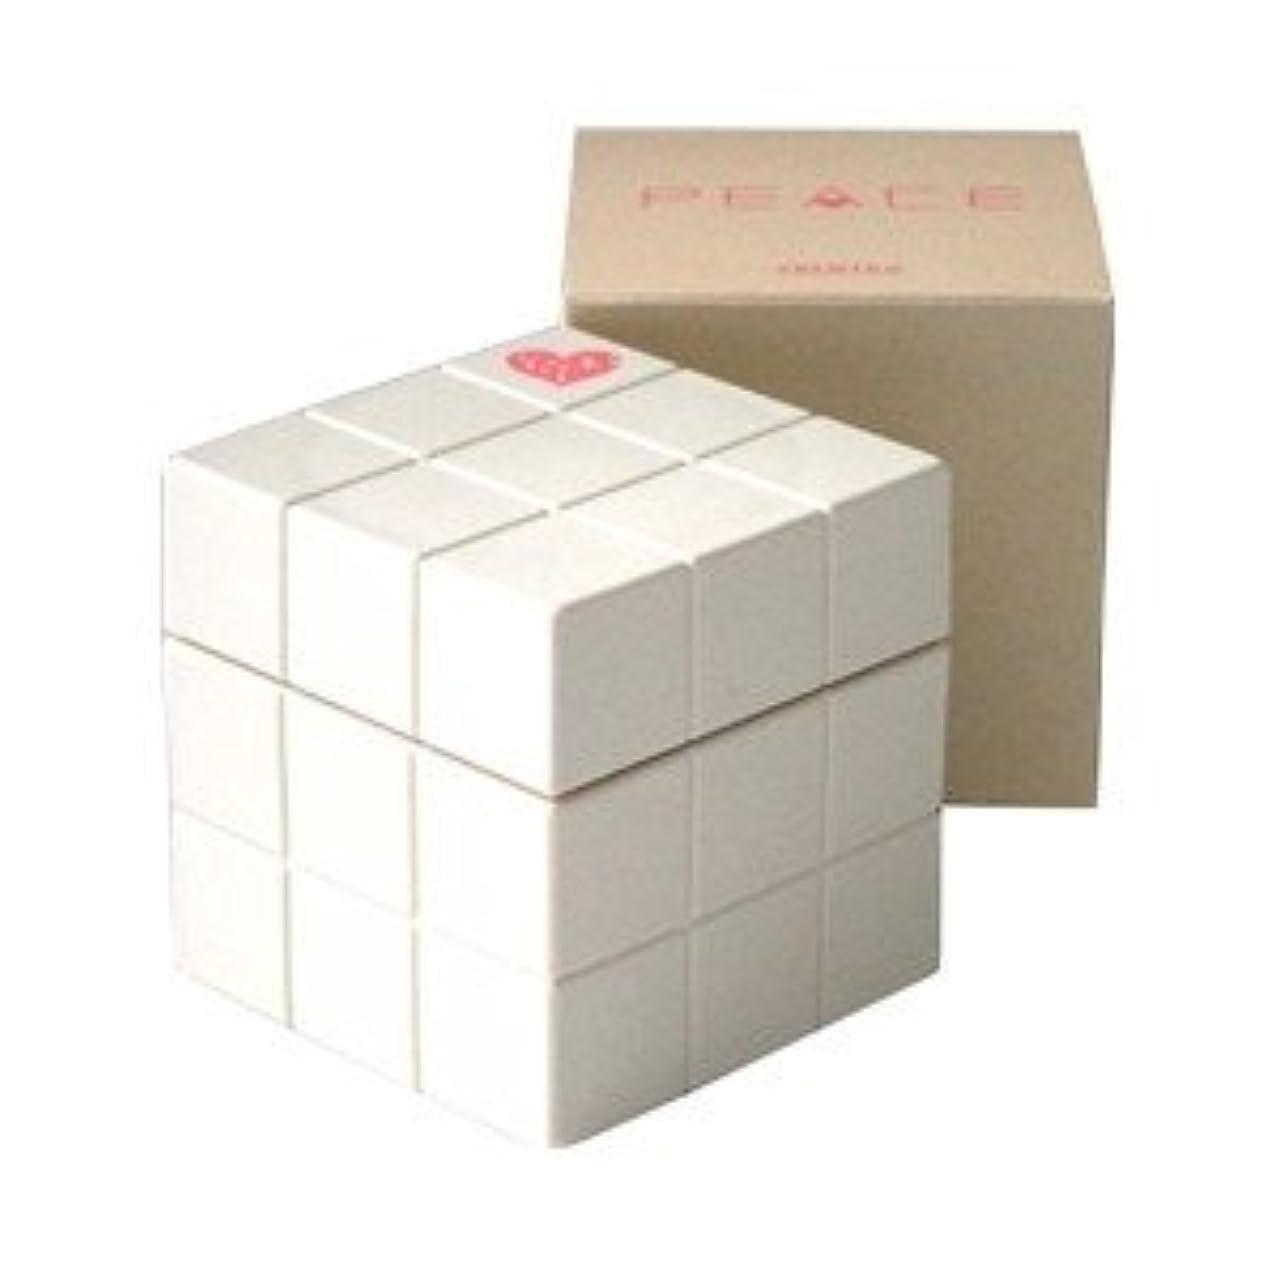 常習的叫び声実り多いアリミノ ピース ニュアンス wax (バニラ) 80g